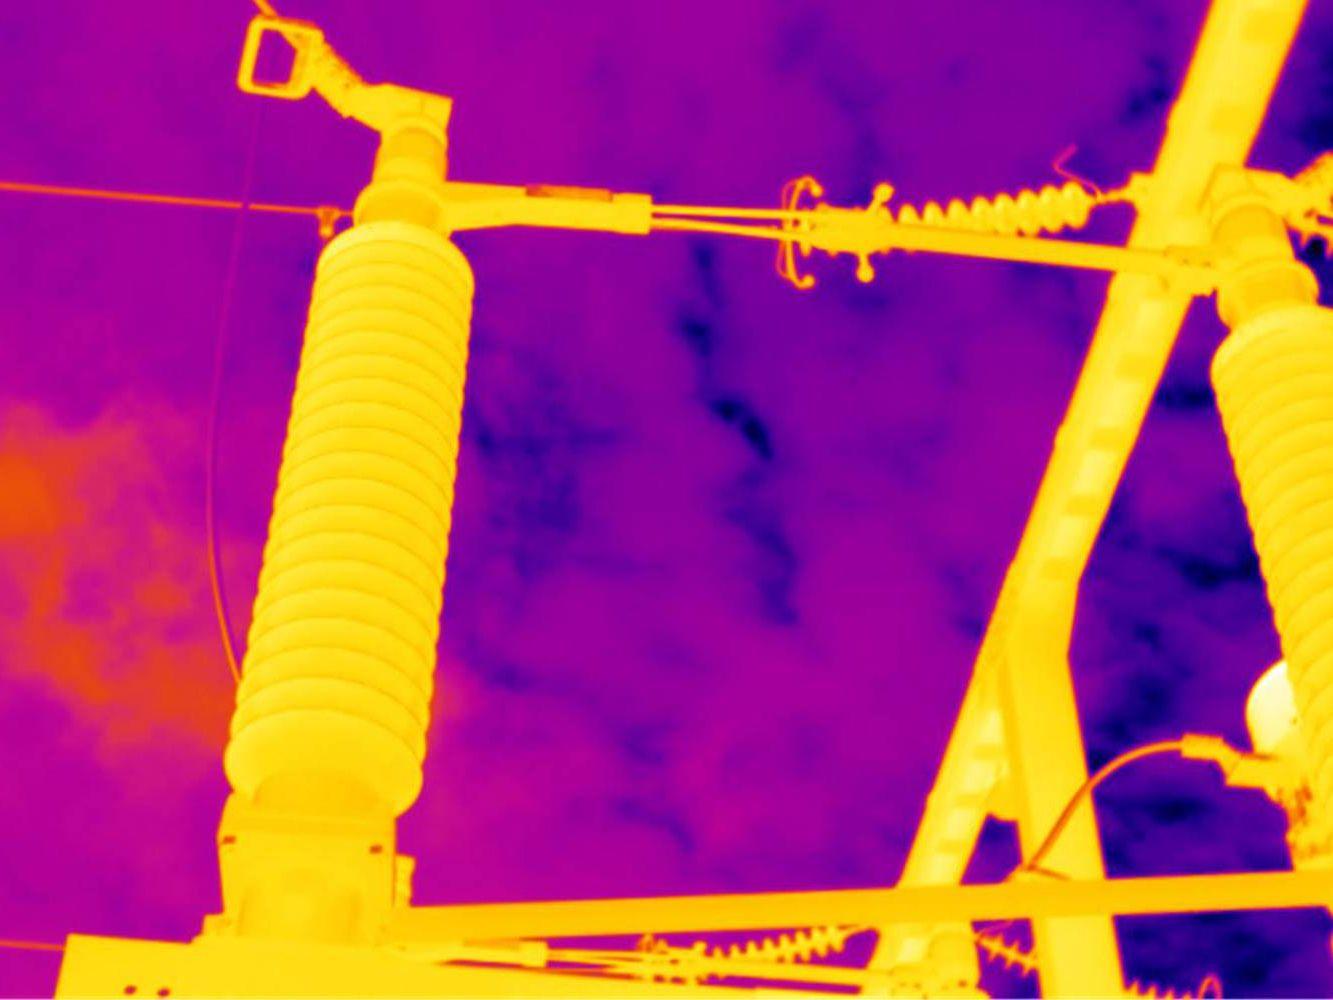 thermal-image-energy-distribution.jpg